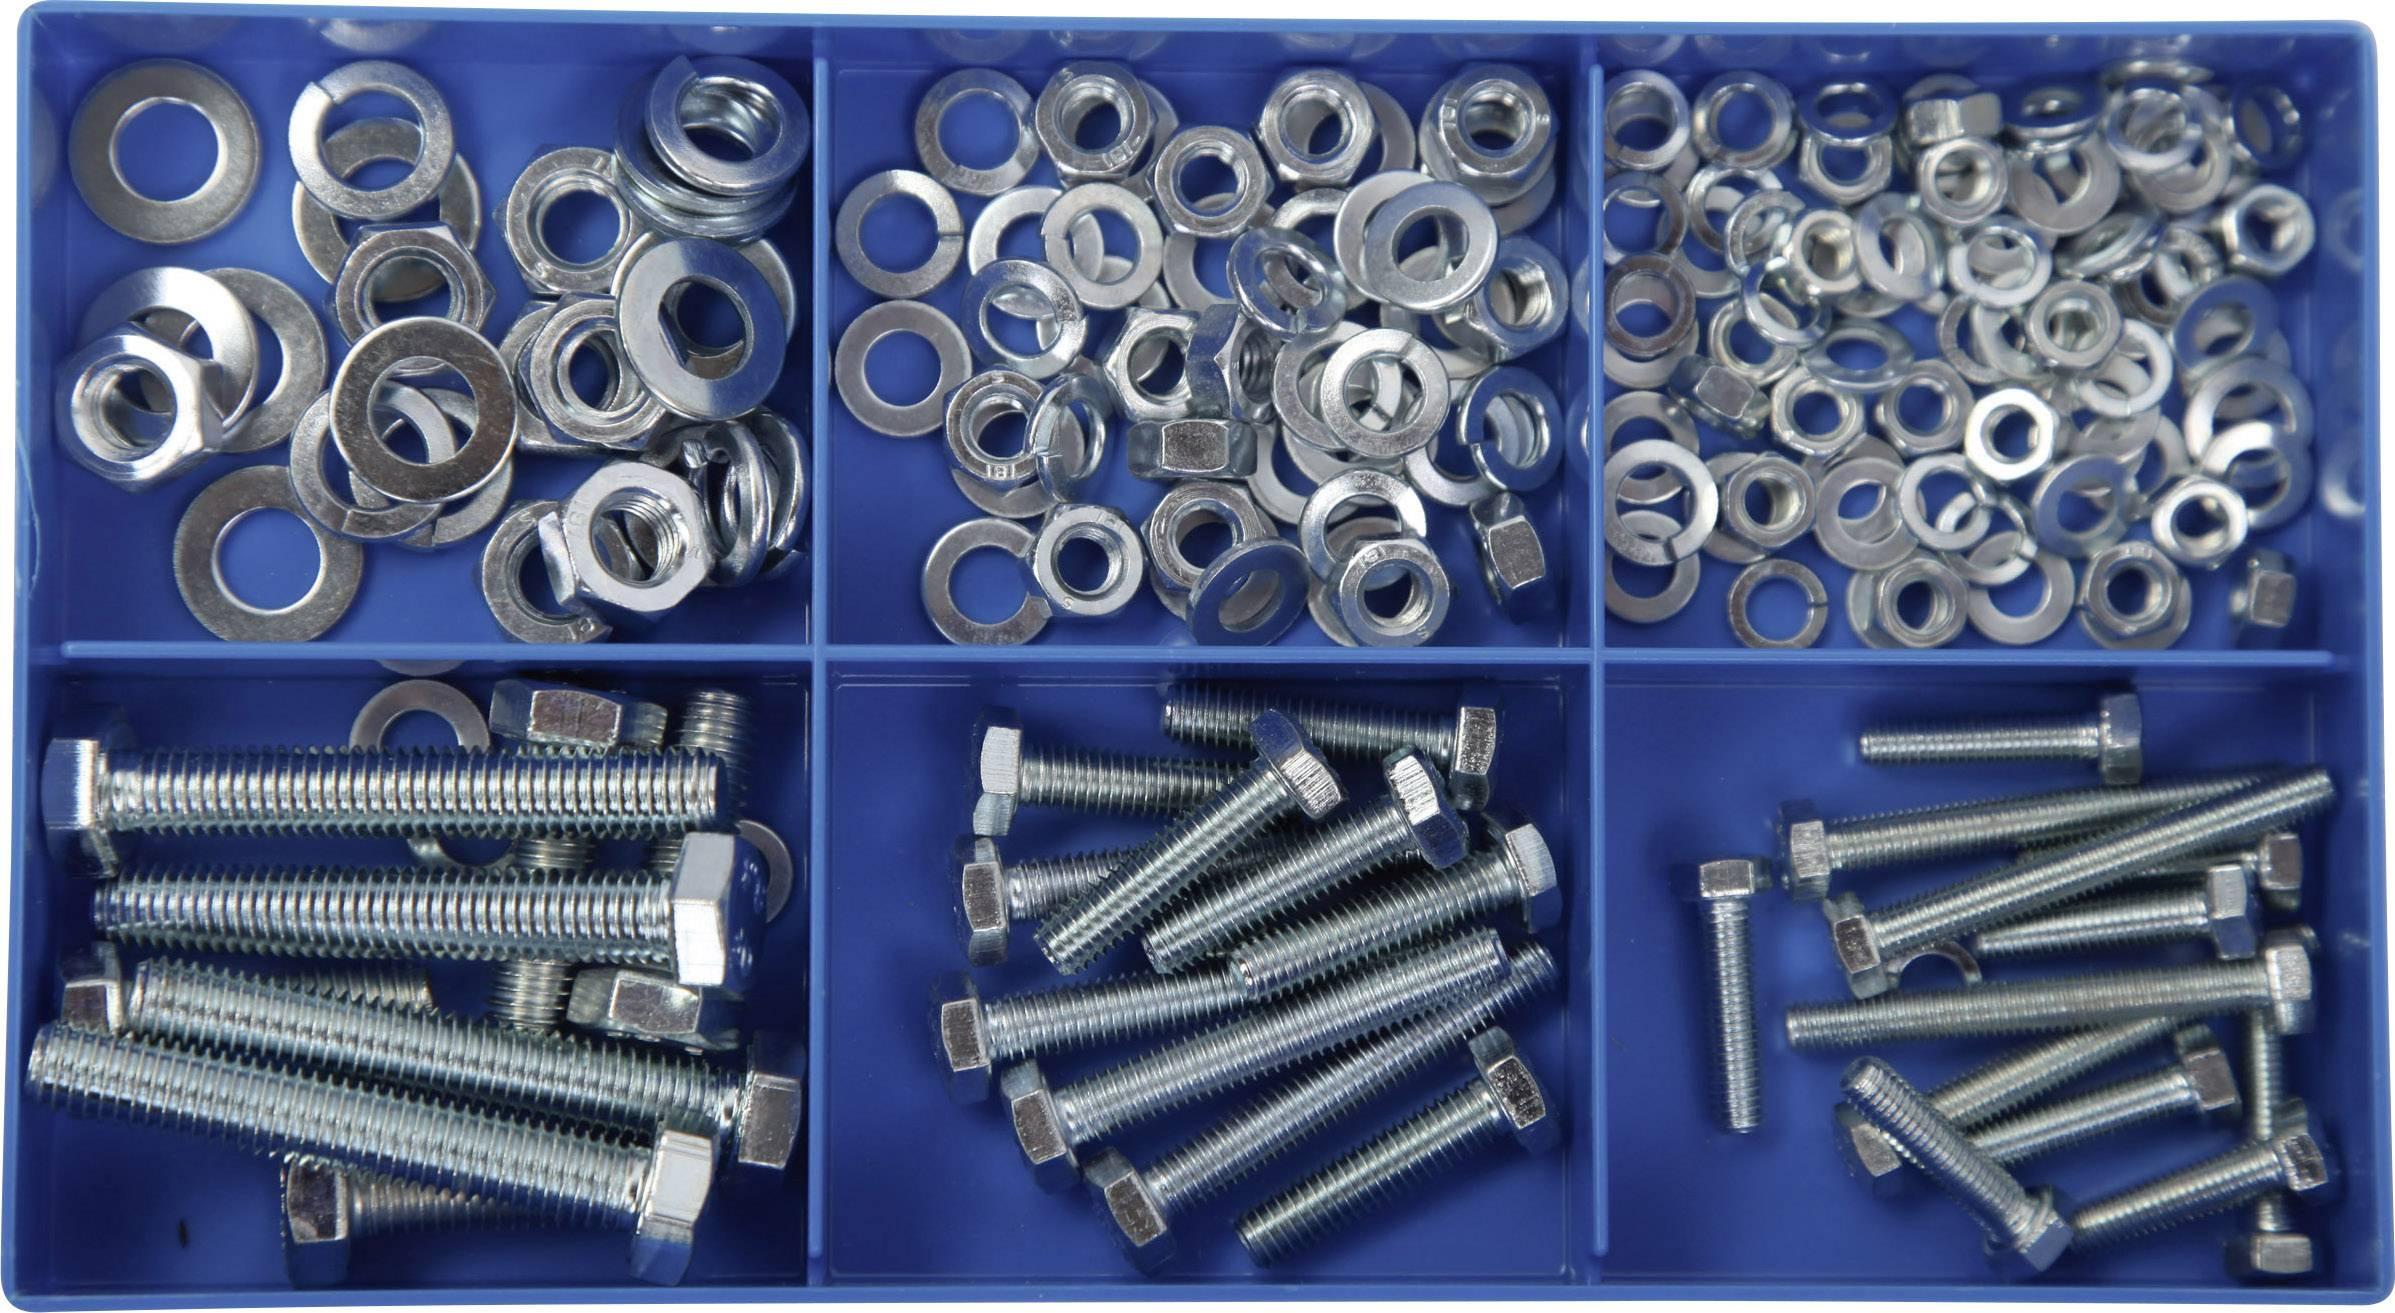 150 - dielny sortiment 6 hranných oceľových skrutiek